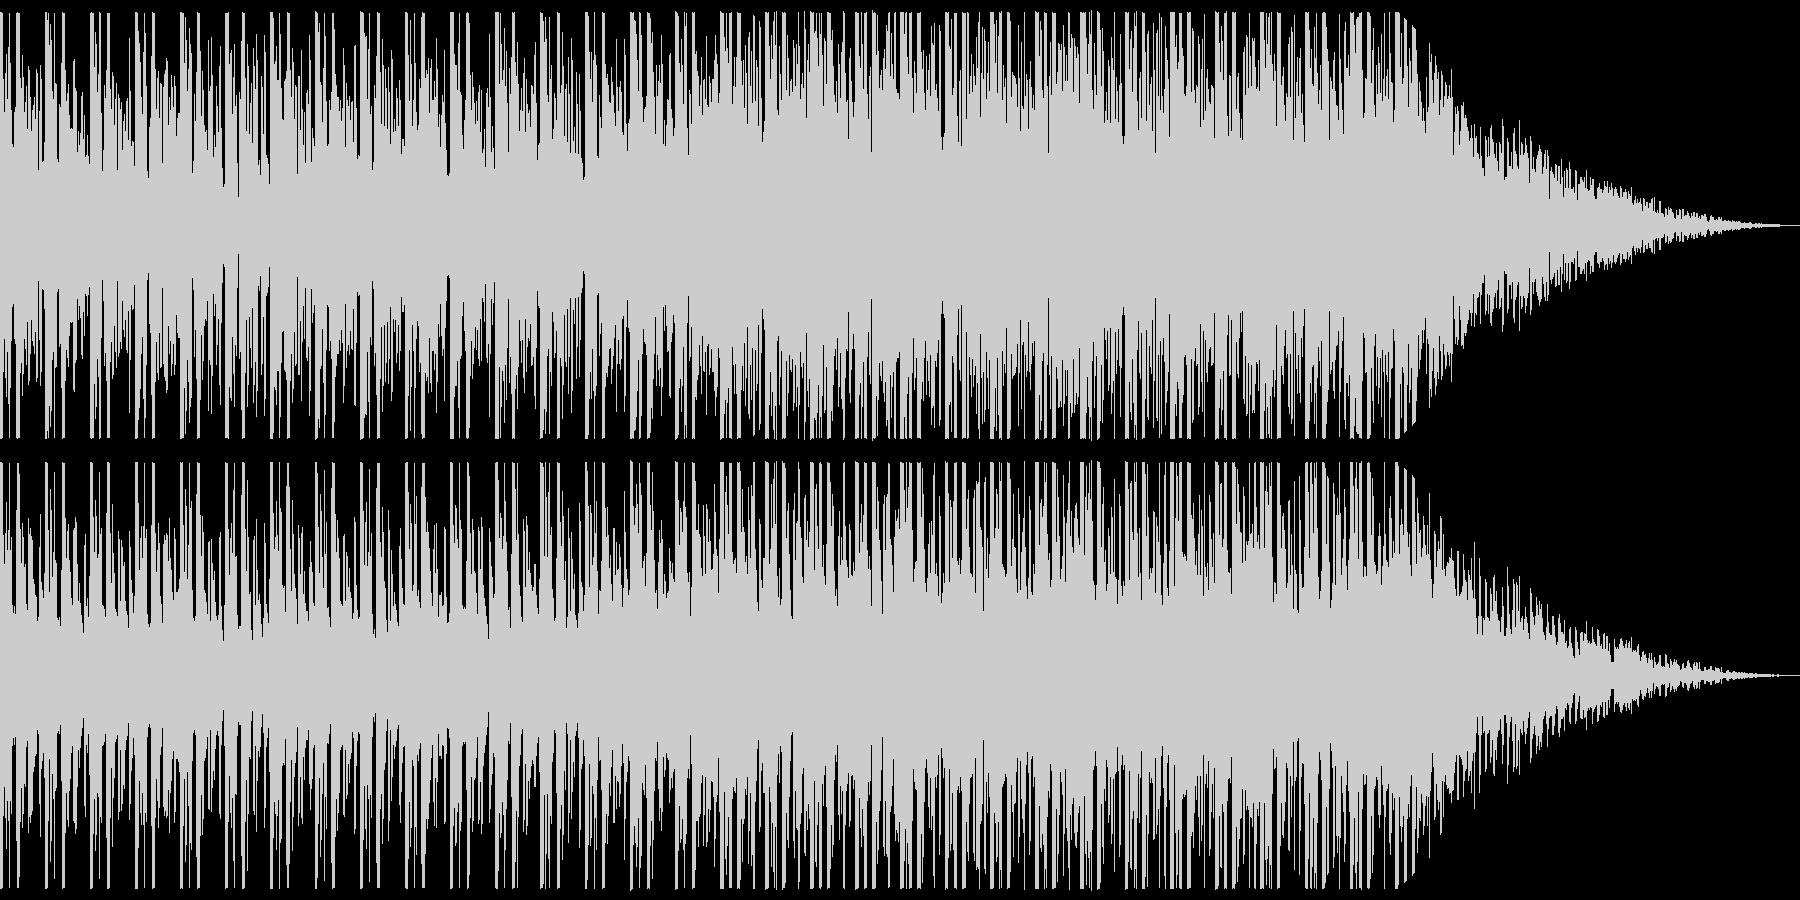 推理/ミステリー向けのアンビエント曲の未再生の波形